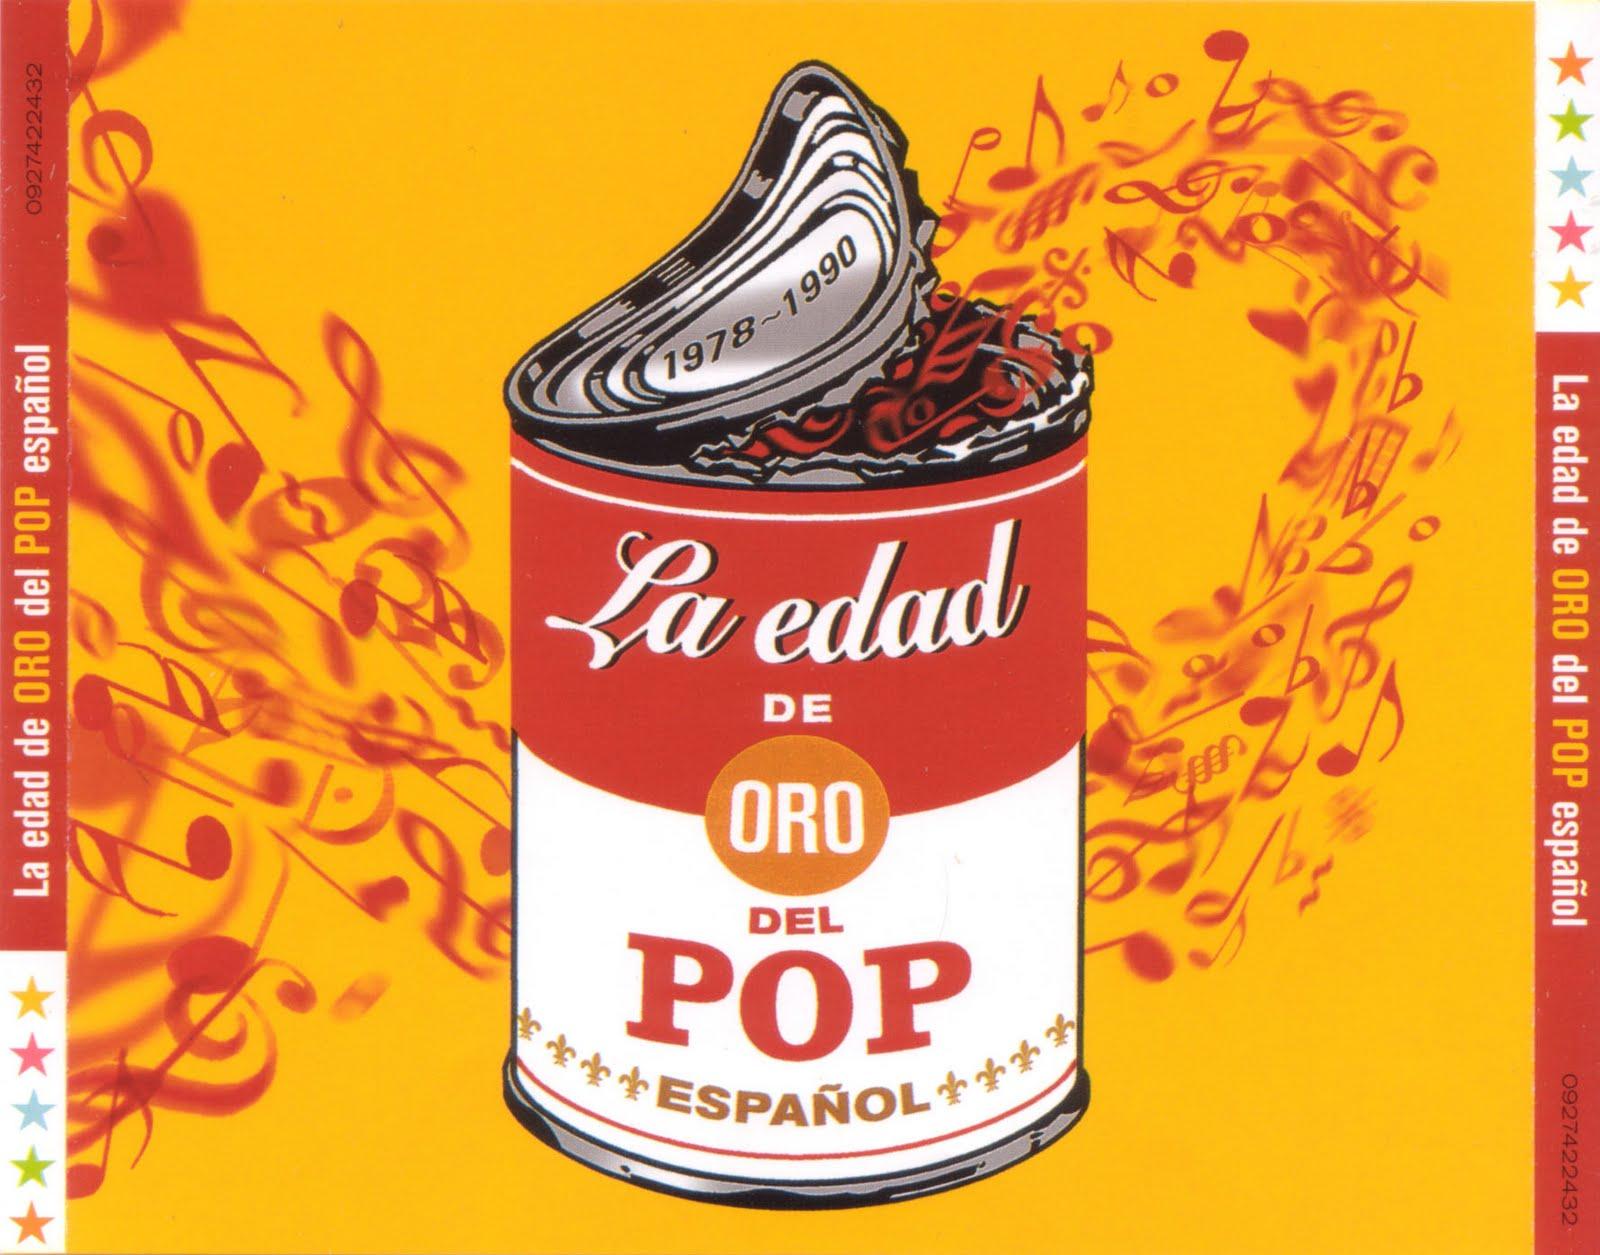 caratulas de musica pop: